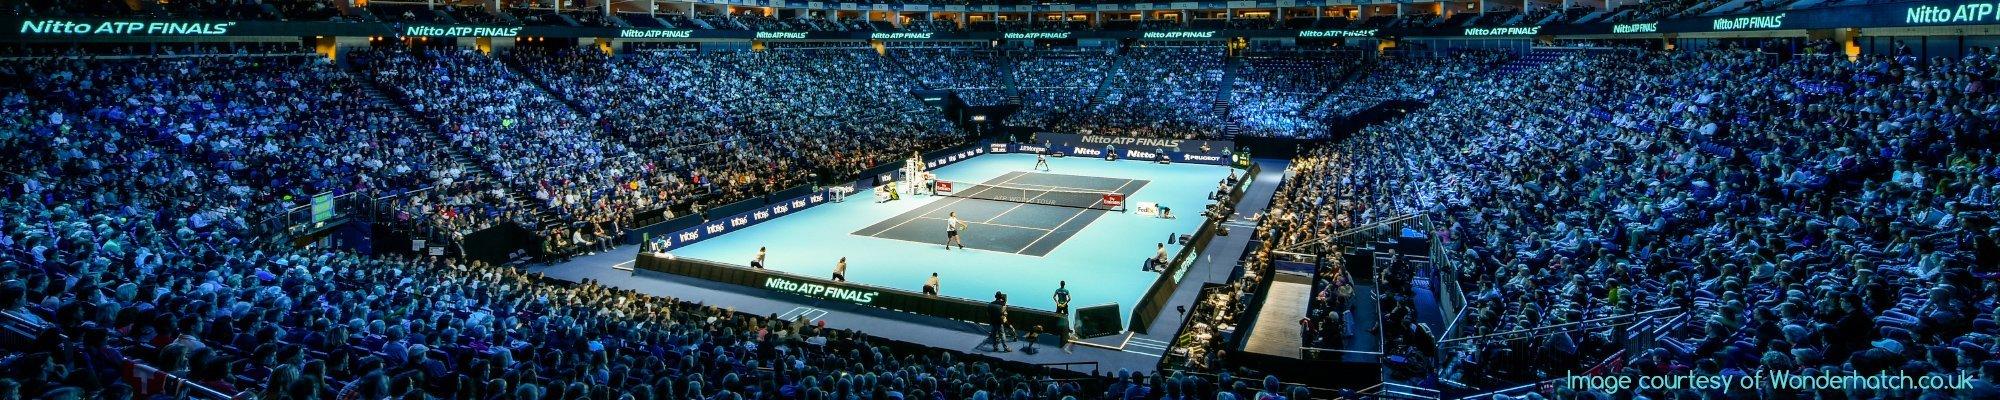 2018 Nitto ATP Finals NOV 18th